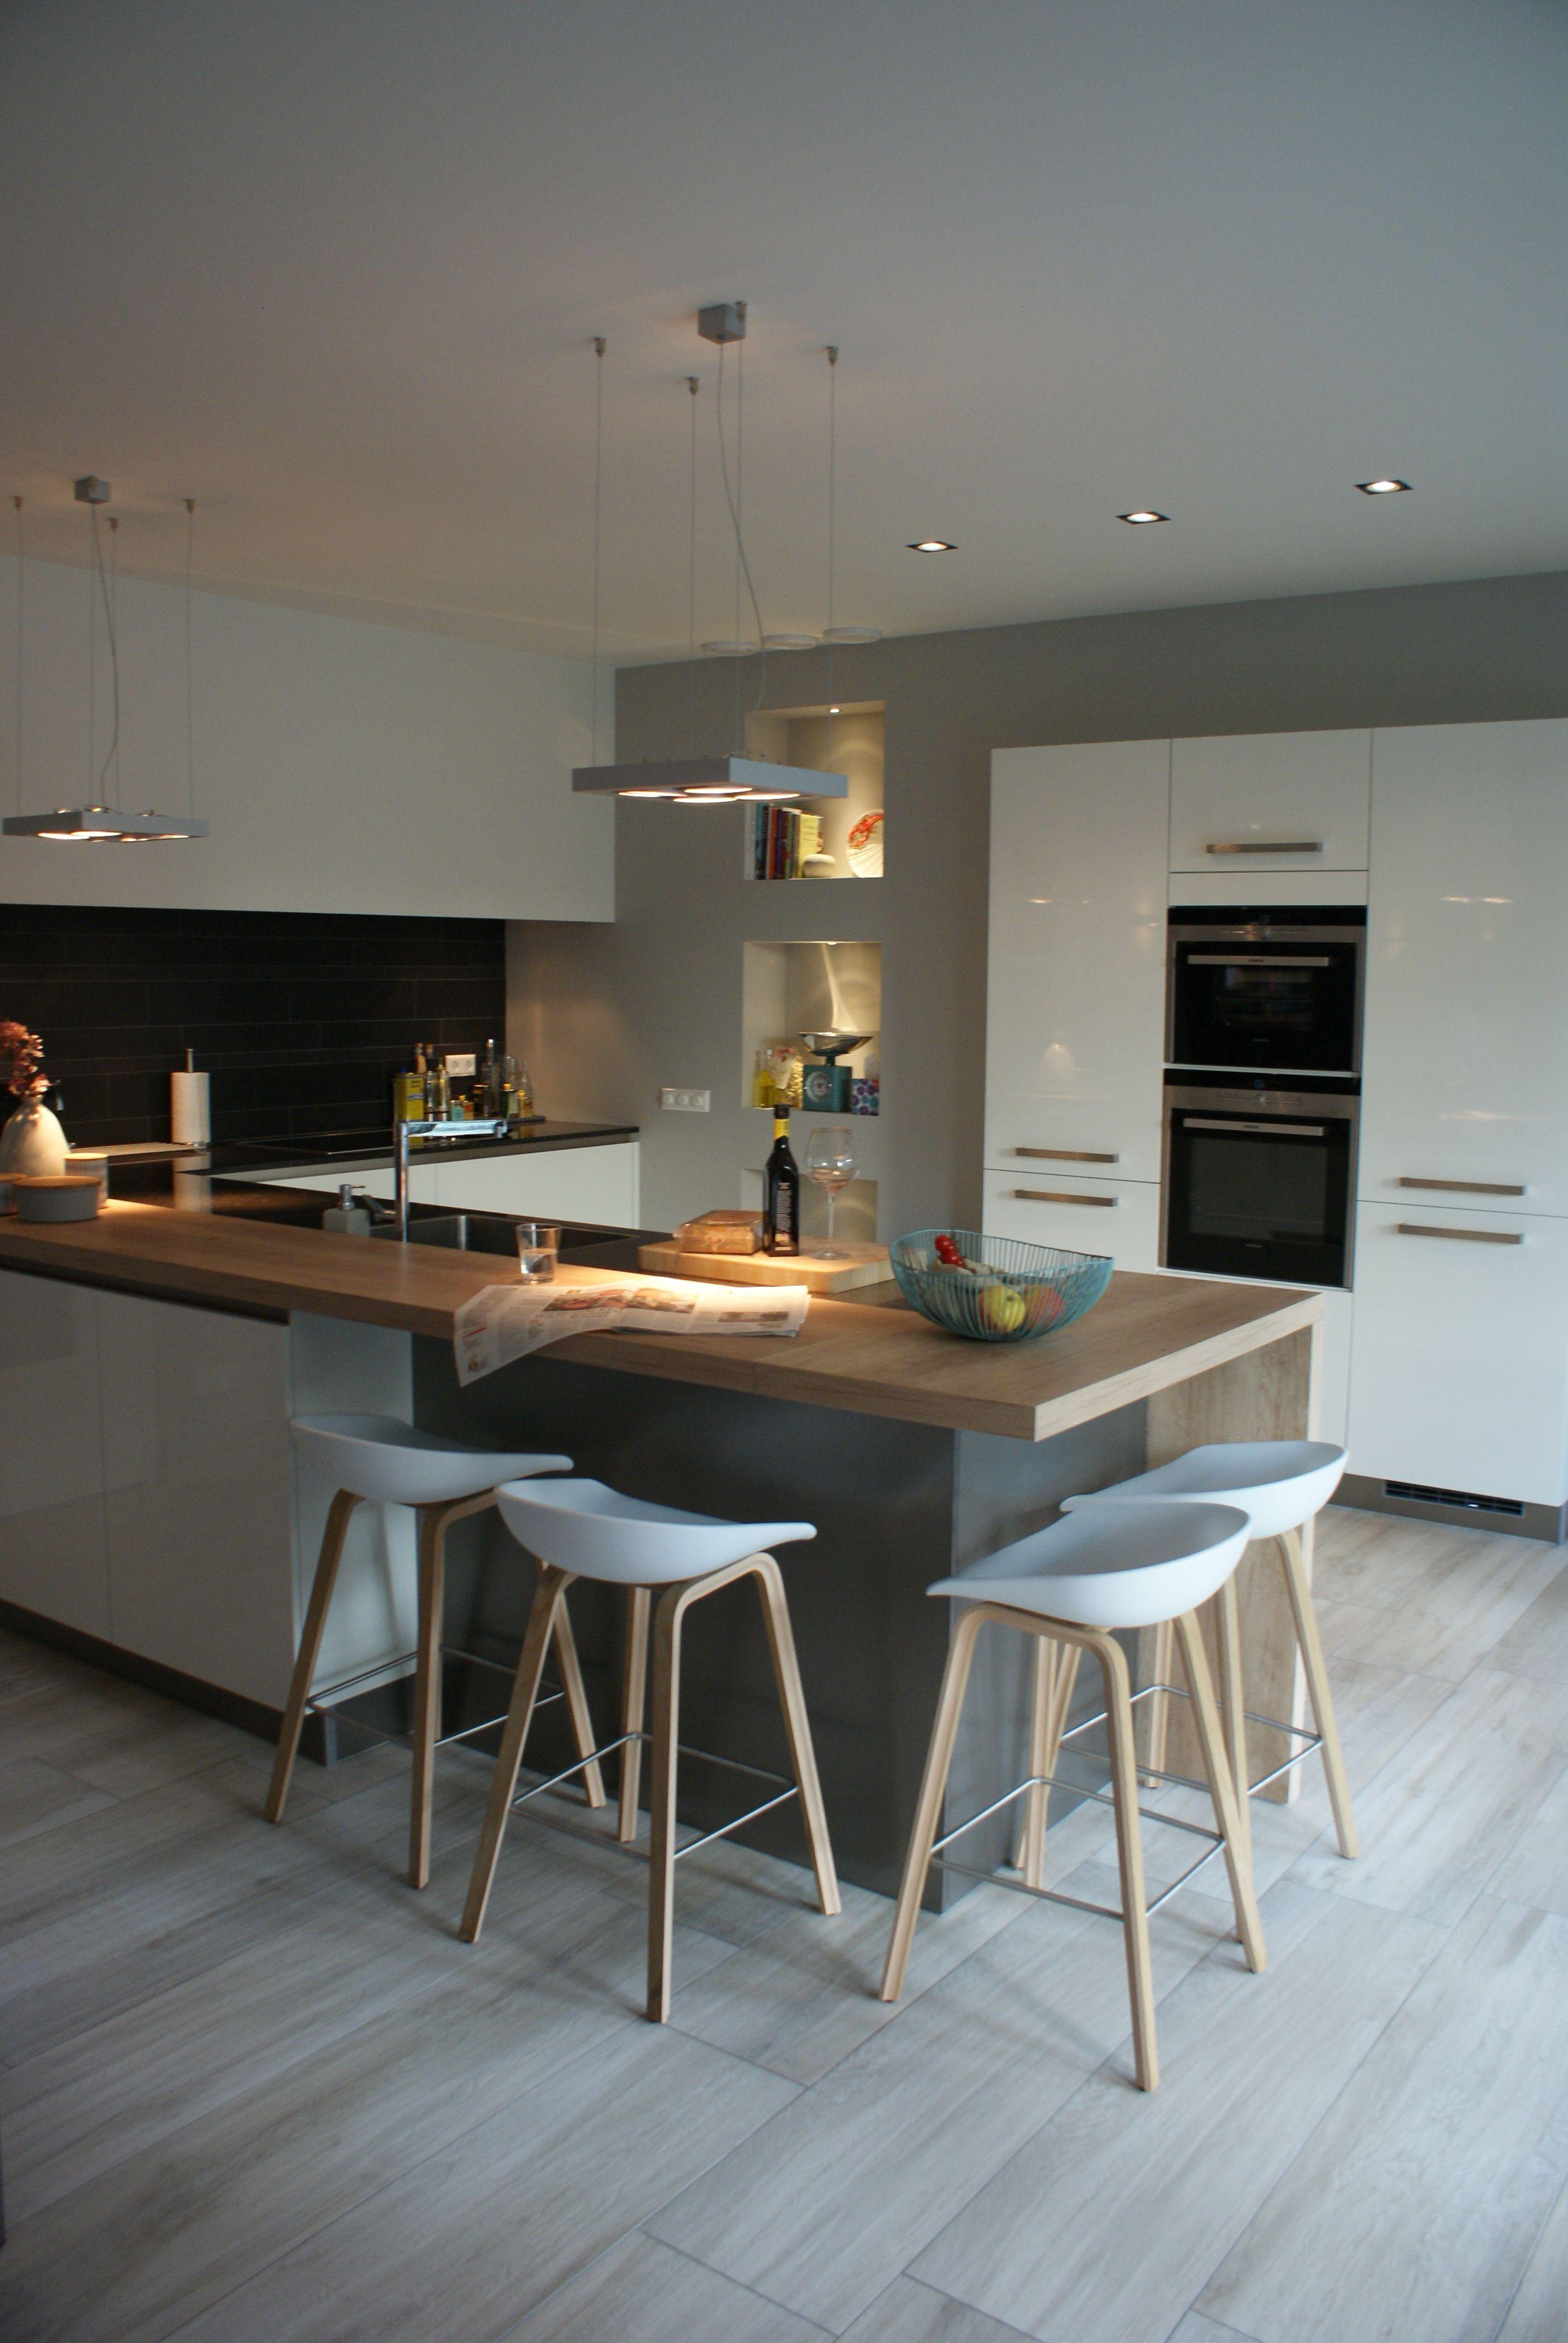 Praktische strakke keuken in mooie materialen, passend in het totaal ontwerp.